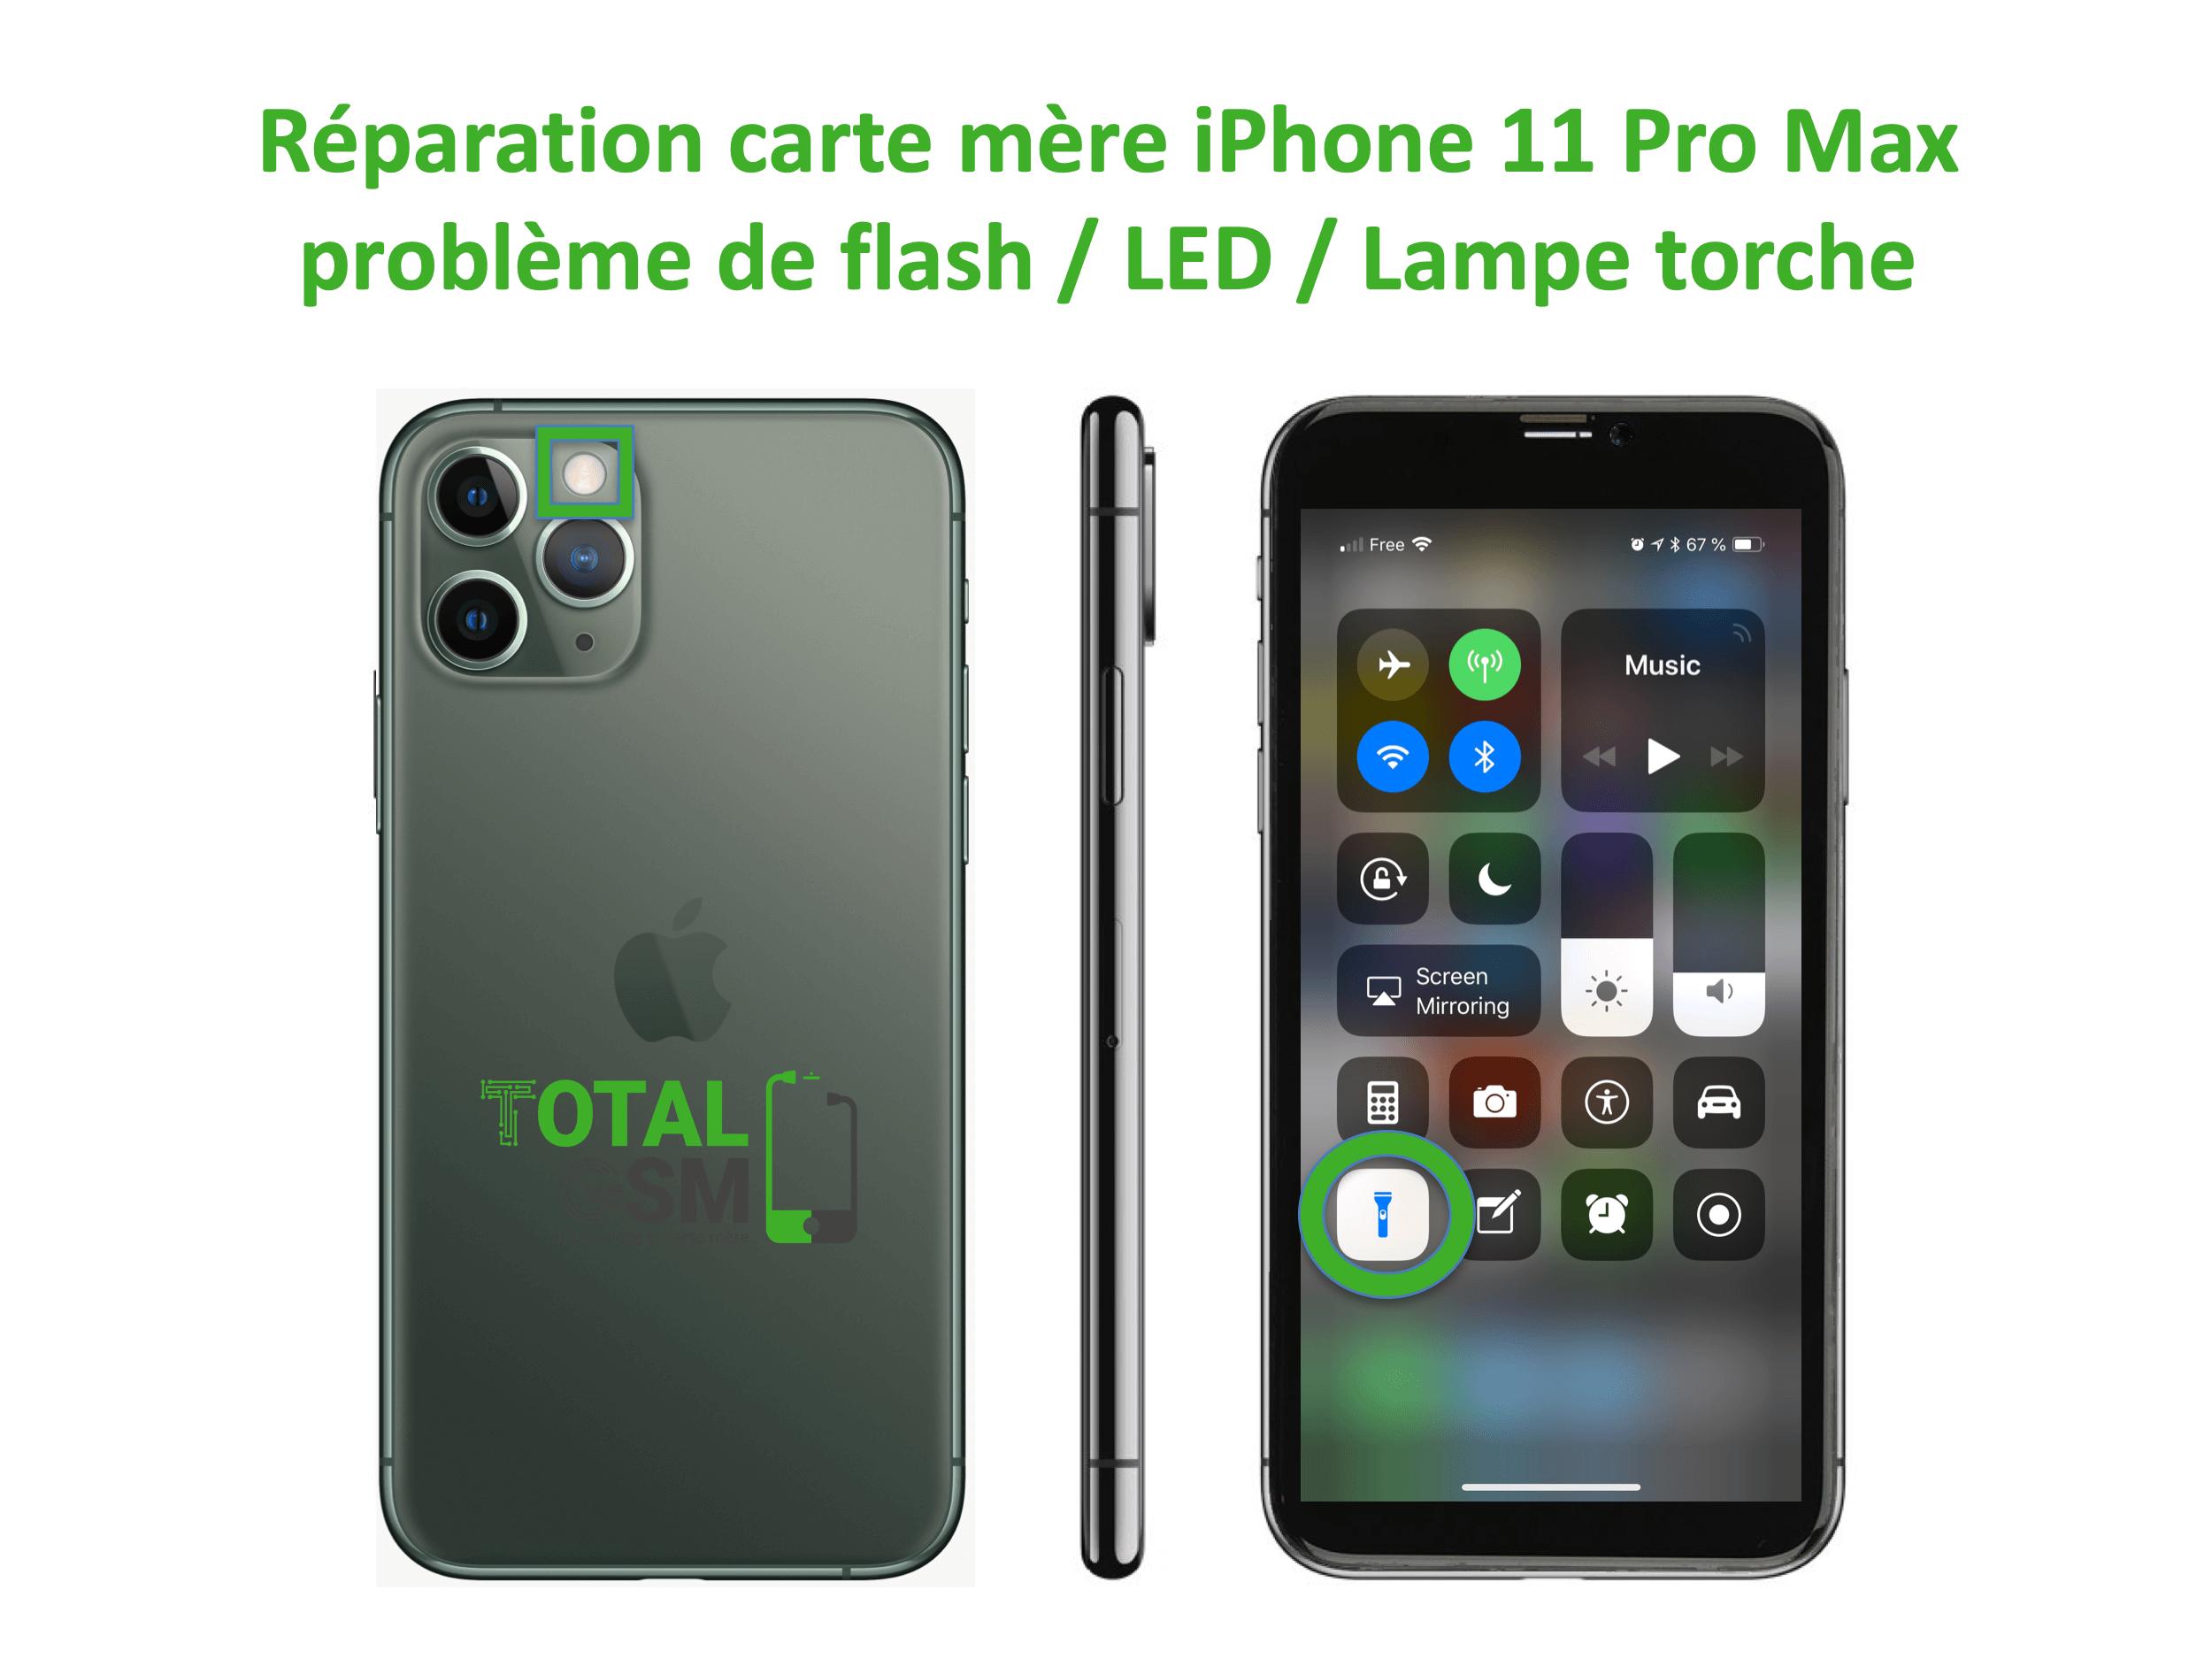 iPhone-11-pro-max-reparation-probleme-de-led